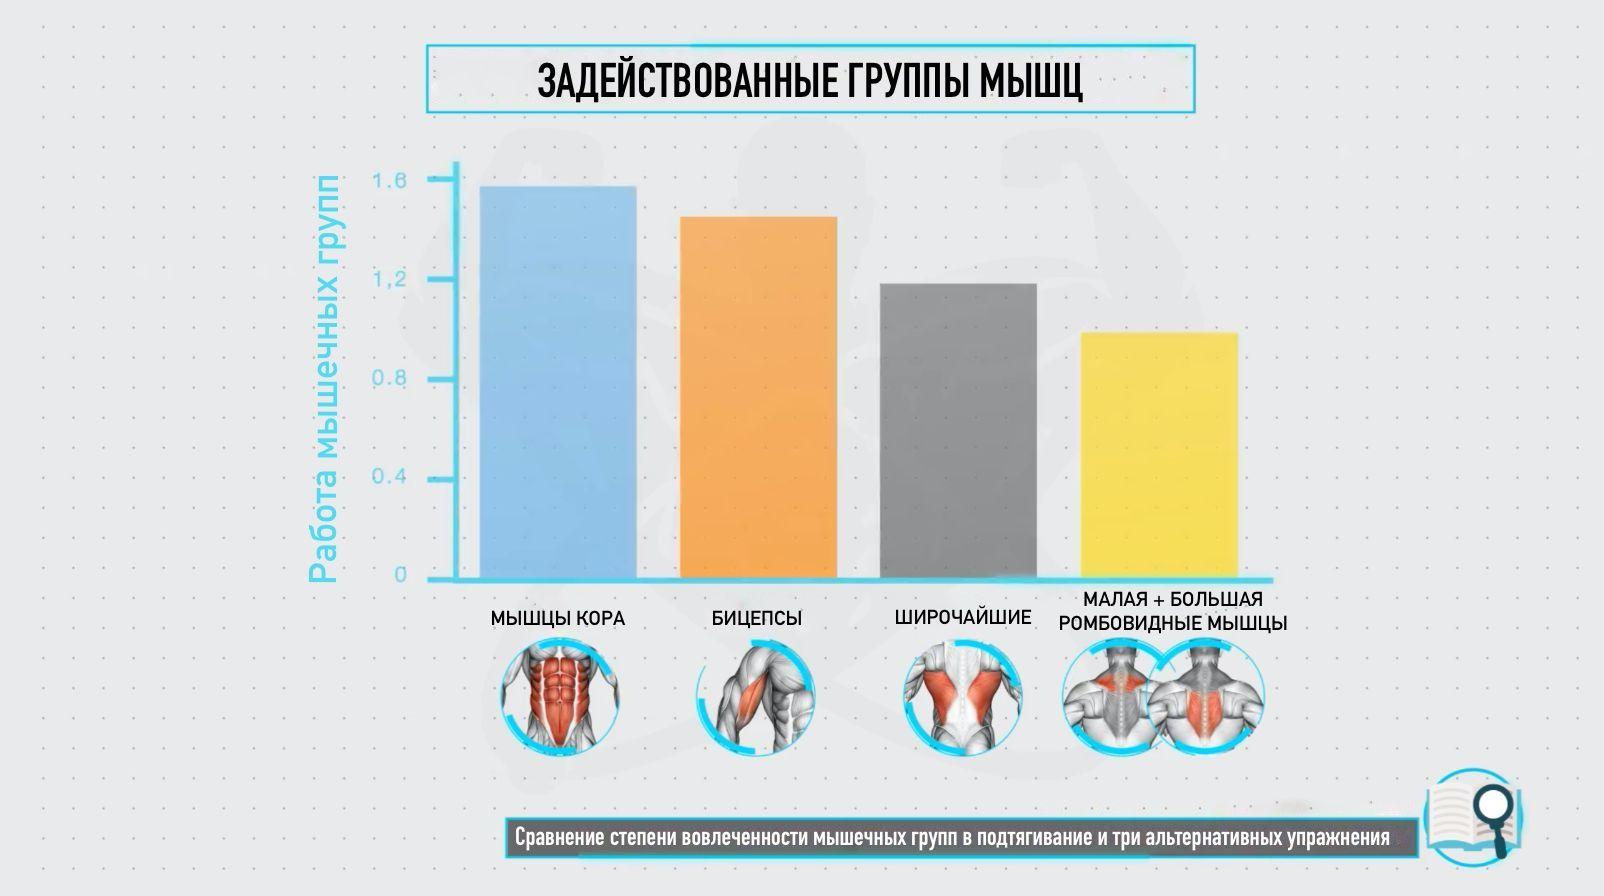 Активность мышц при подтягиваниях